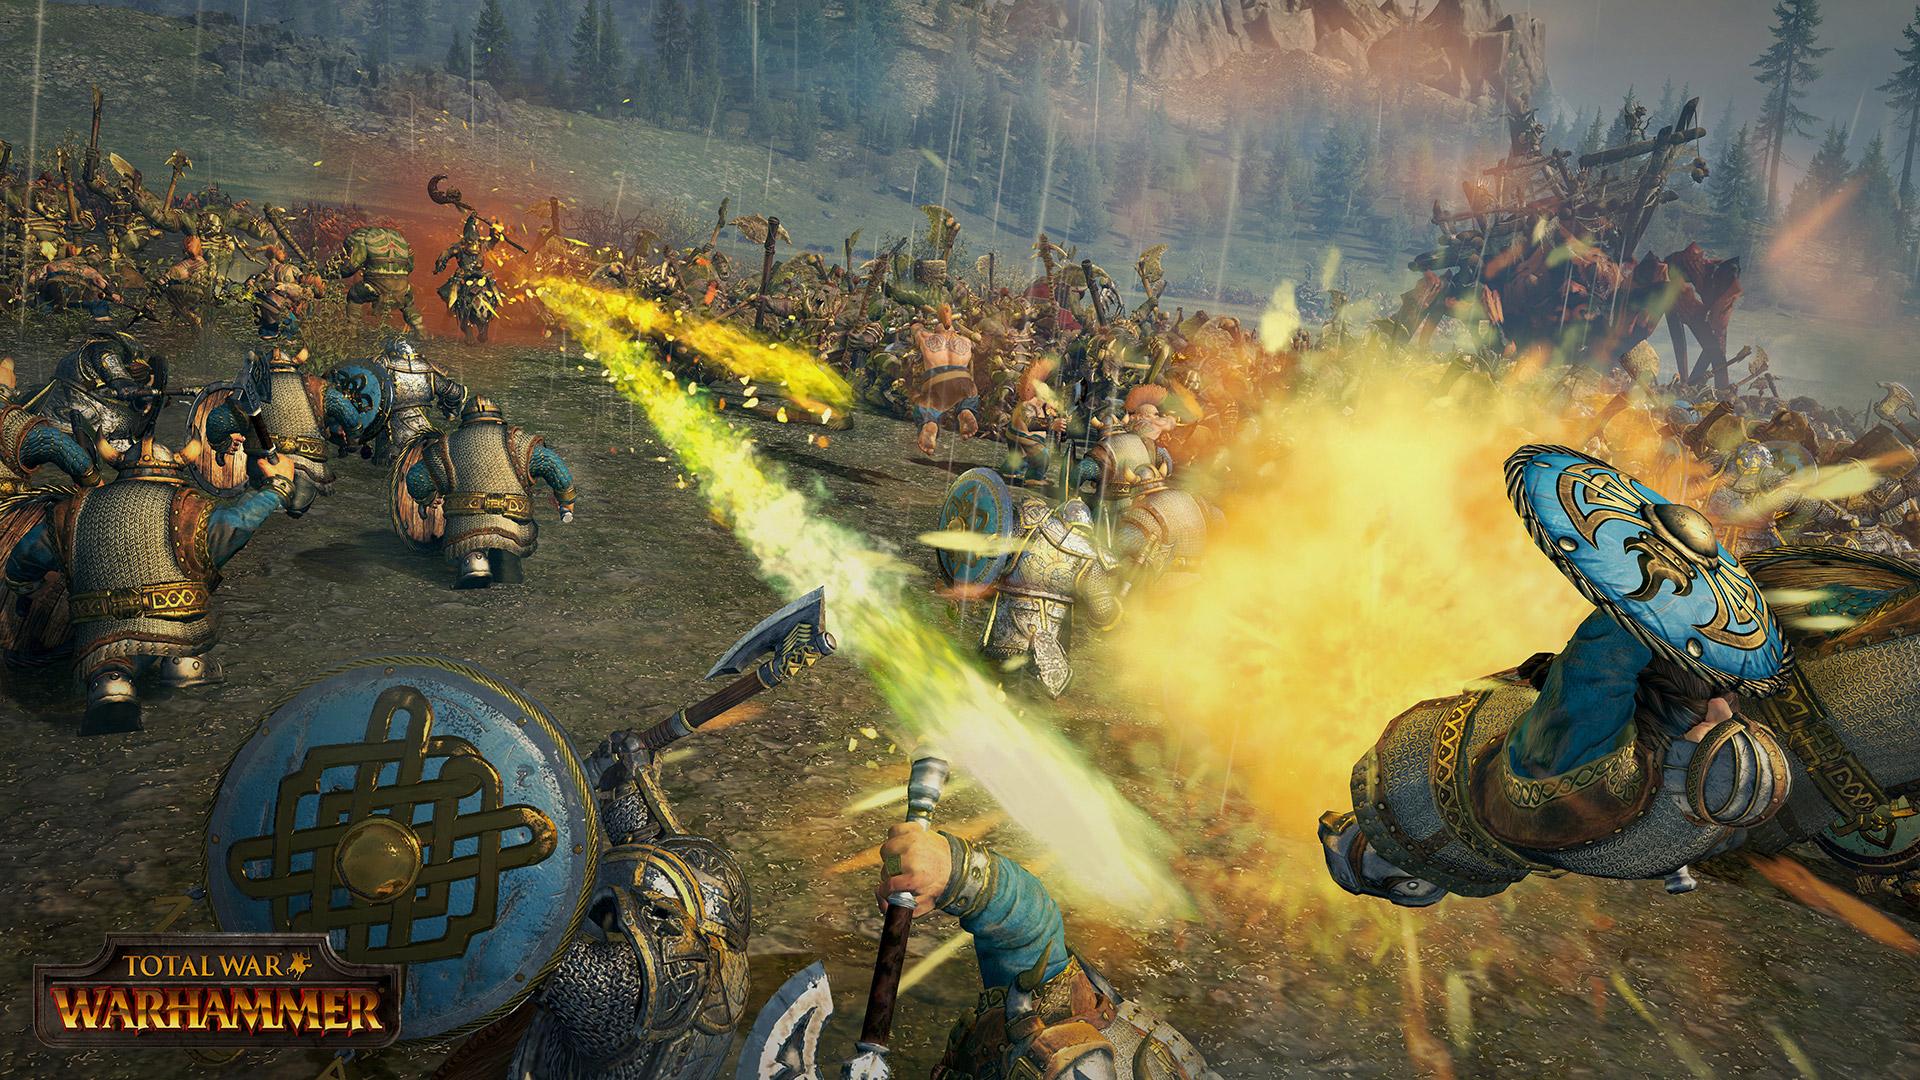 Total War Warhammer Wallpaper 3